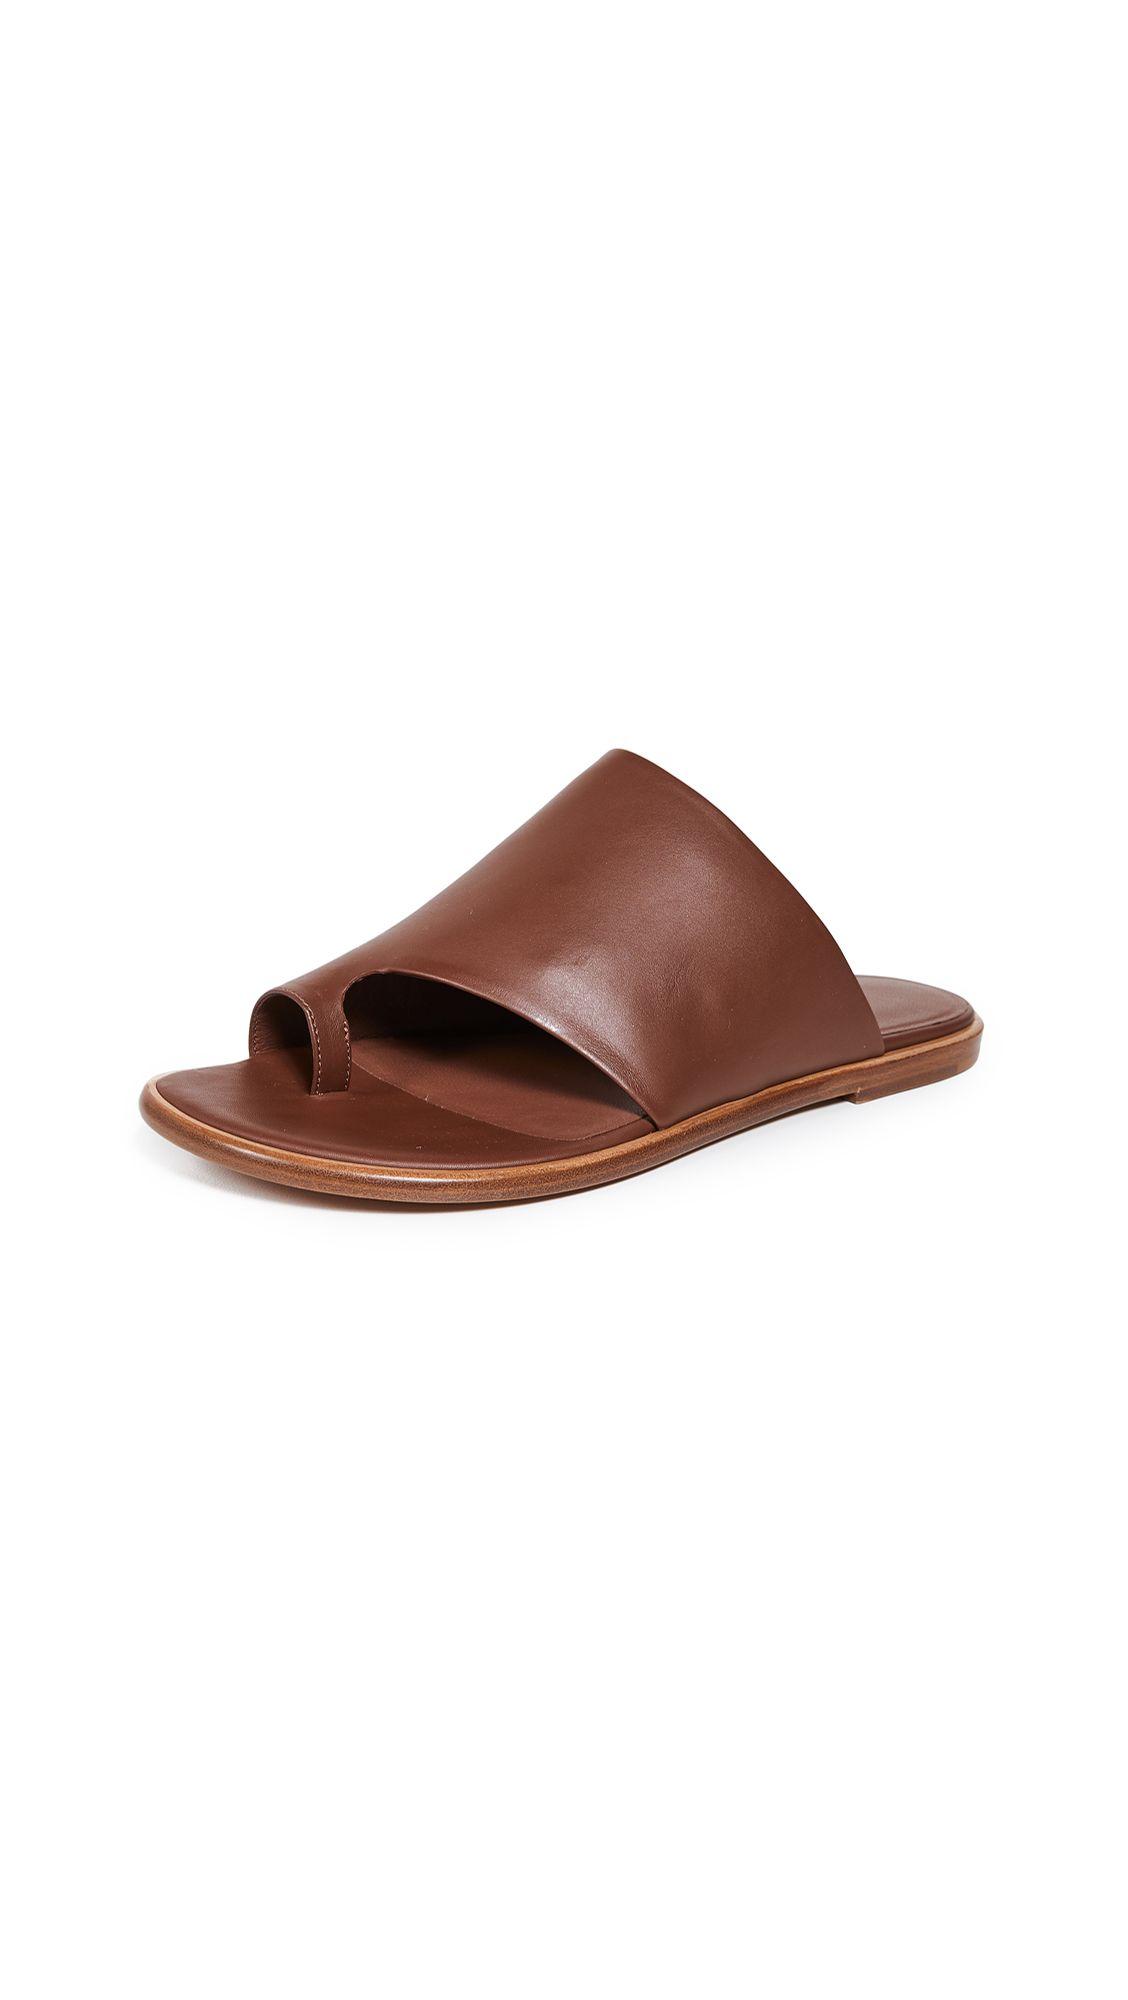 Edris Toe Ring Slide Sandals in 2020